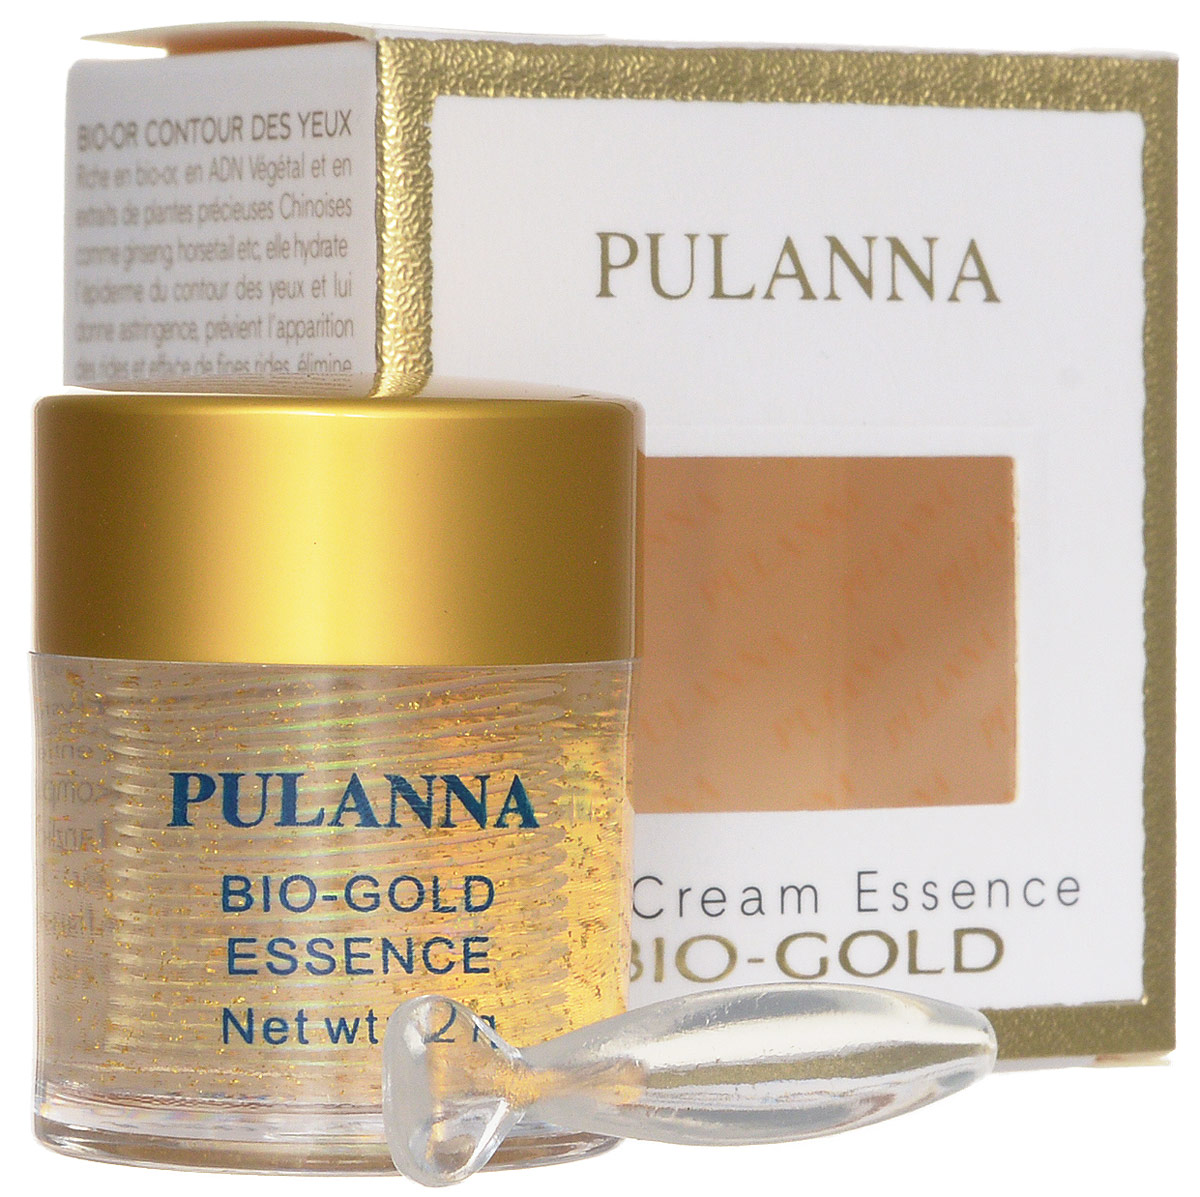 Pulanna Био-золотой гель для век на основе био-золота - Bio-gold Essence 21 г5902596005030Обогащенный гель с эффектом лифтинга. Осуществляет глубокое питание, регулирует обменные процессы, ускоряет регенерацию клеток, восполняет дефицит липидов в коже, увлажняет, нормализует кровоснабжение. Возвращает нежной коже век упругость и свежесть, активно борется с морщинами и предотвращает их появление. Снимает отечность, уменьшает темные круги под глазами. Обеспечивает коже длительное, глубокое увлажнение и питание. Био-золото, экстракт хвоща и экстракт женьшеня способствуют обновлению клеток, нормализации водно-жирового и кислородного обмена. Растительные ДНК участвуют в синтезе белков, регенерации клеток кожи. Является базой под макияж.Рекомендован с 40 лет в качестве основного ухода, с 35 лет курсами (28-30 дней).